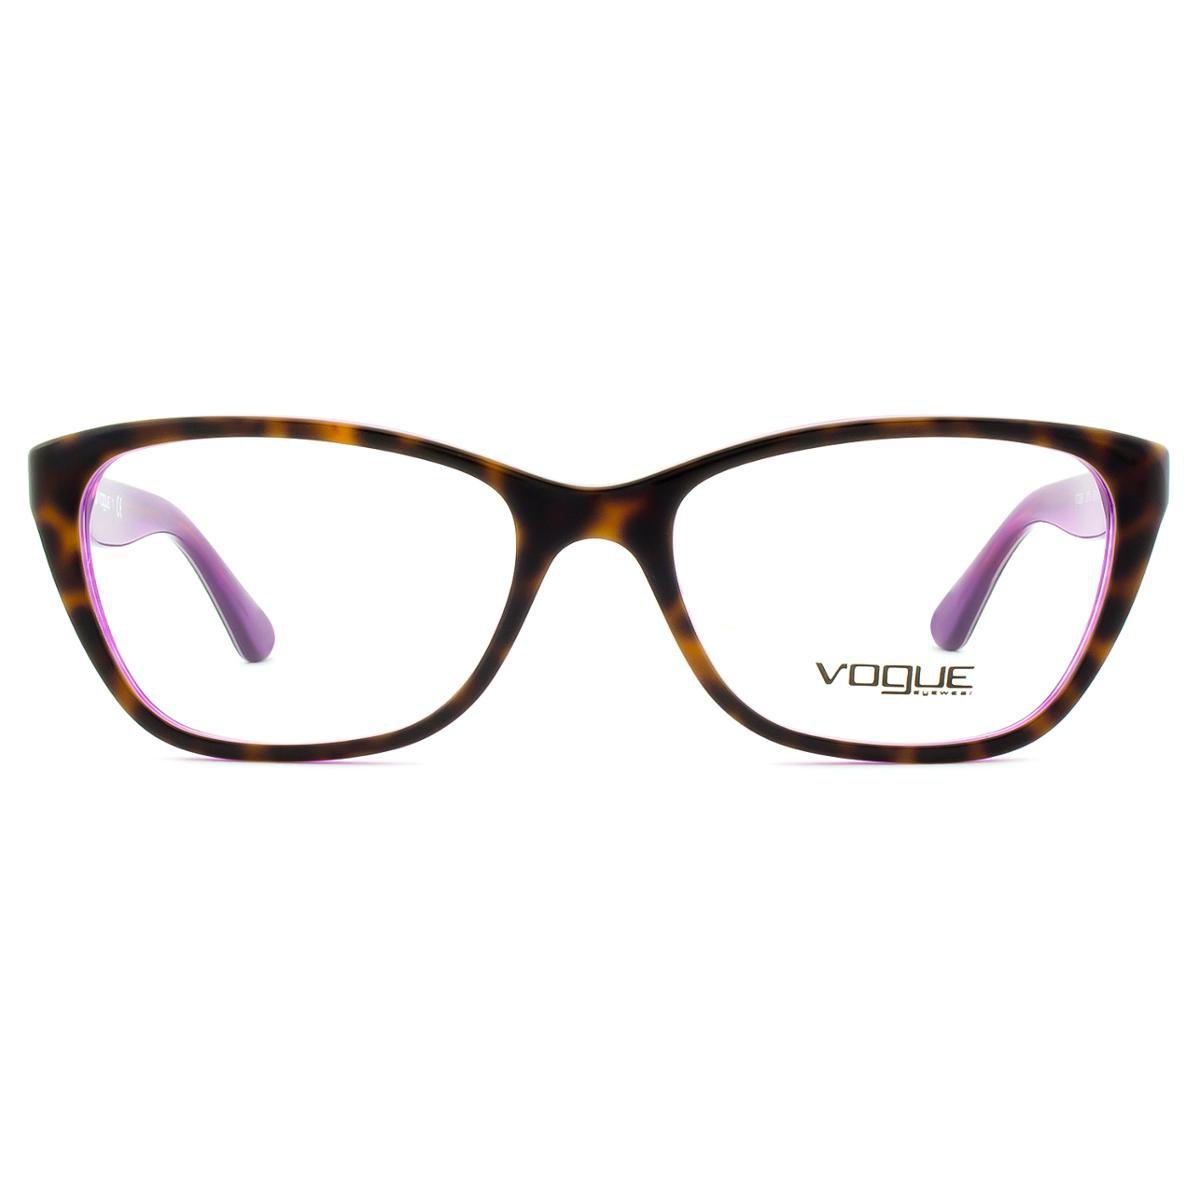 0ba7c06eea608 Armação Óculos de Grau Vogue Rainbow VO2961 2019-53 - Compre Agora ...